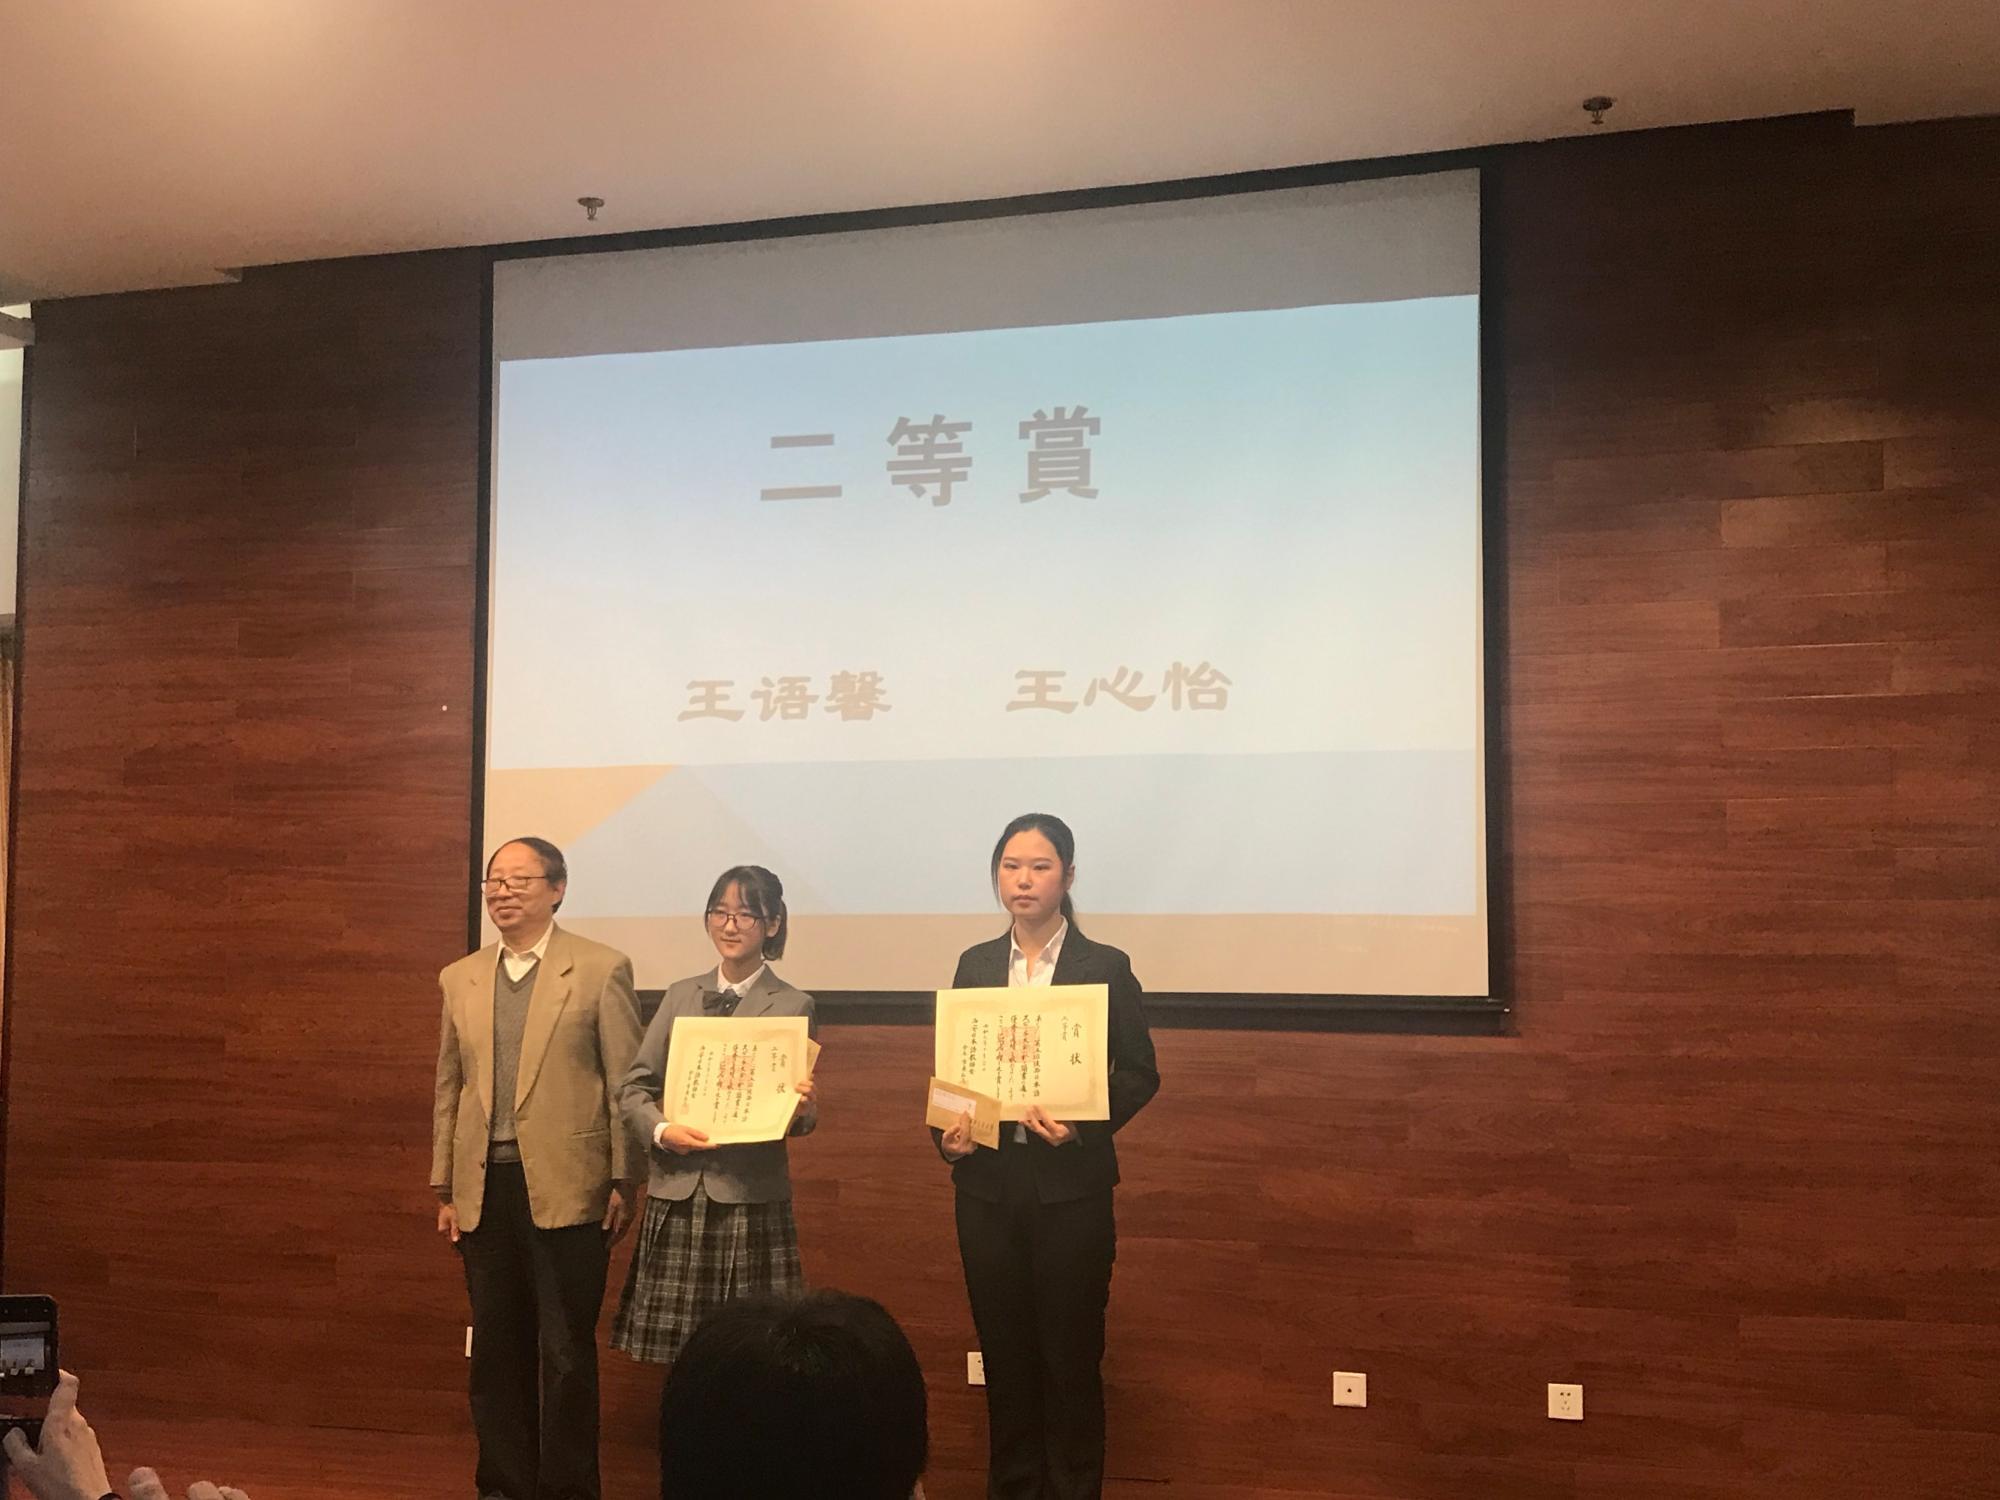 西电学子获第五届陕西省日语演讲大赛二等奖